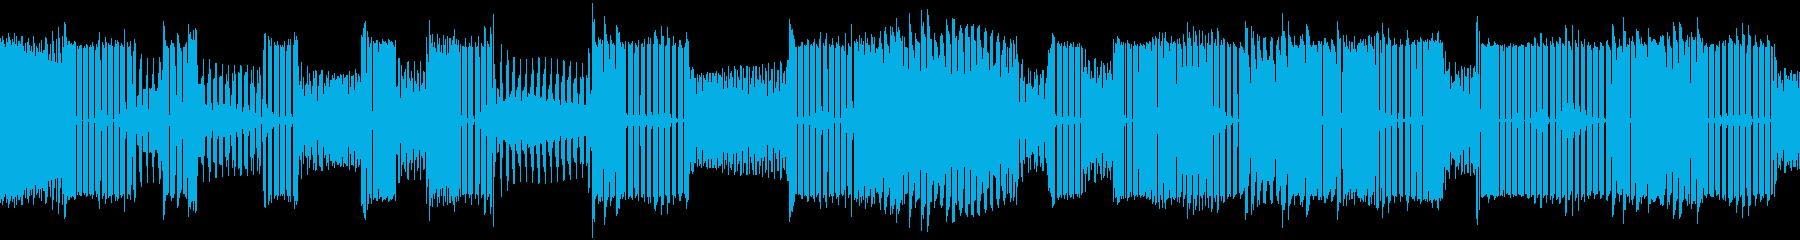 ランダム合成0607 ZGの再生済みの波形